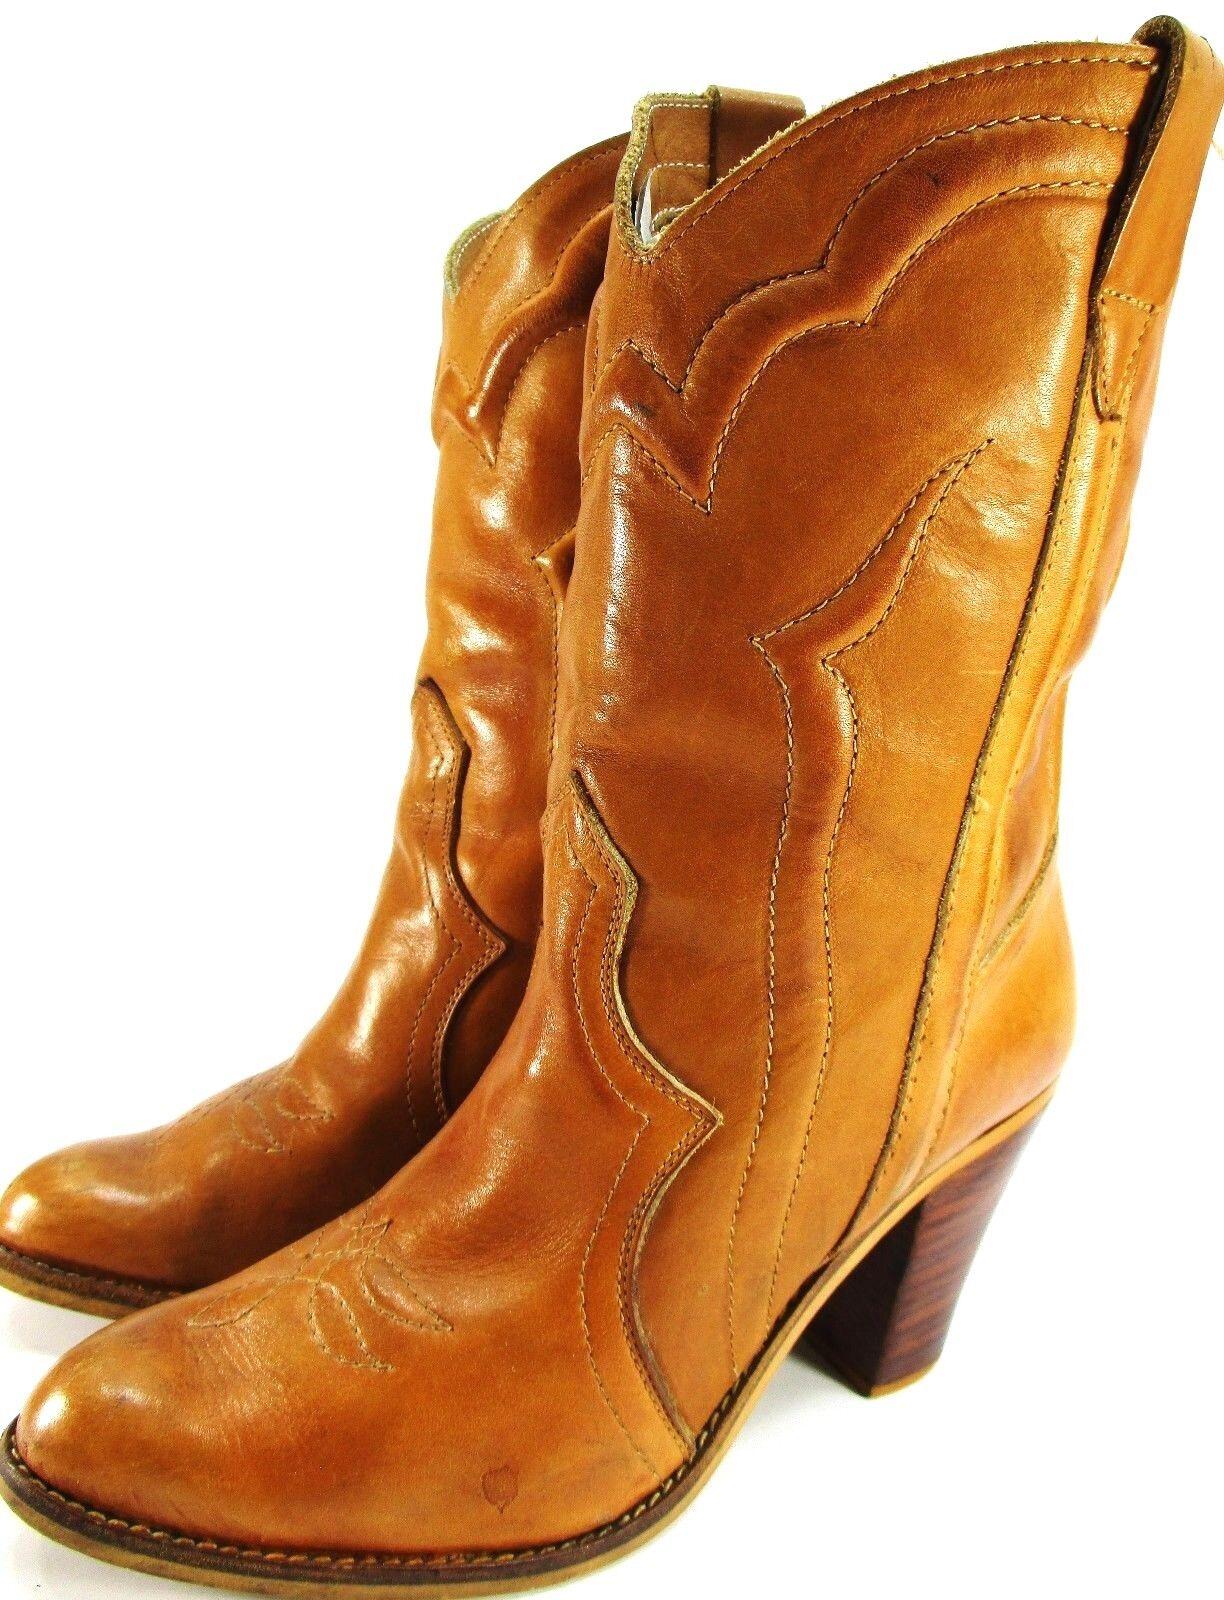 Impromptus mujeres Occidental botas botas botas Talla 7 Marrón Tacones De 3 pulgadas  entrega gratis